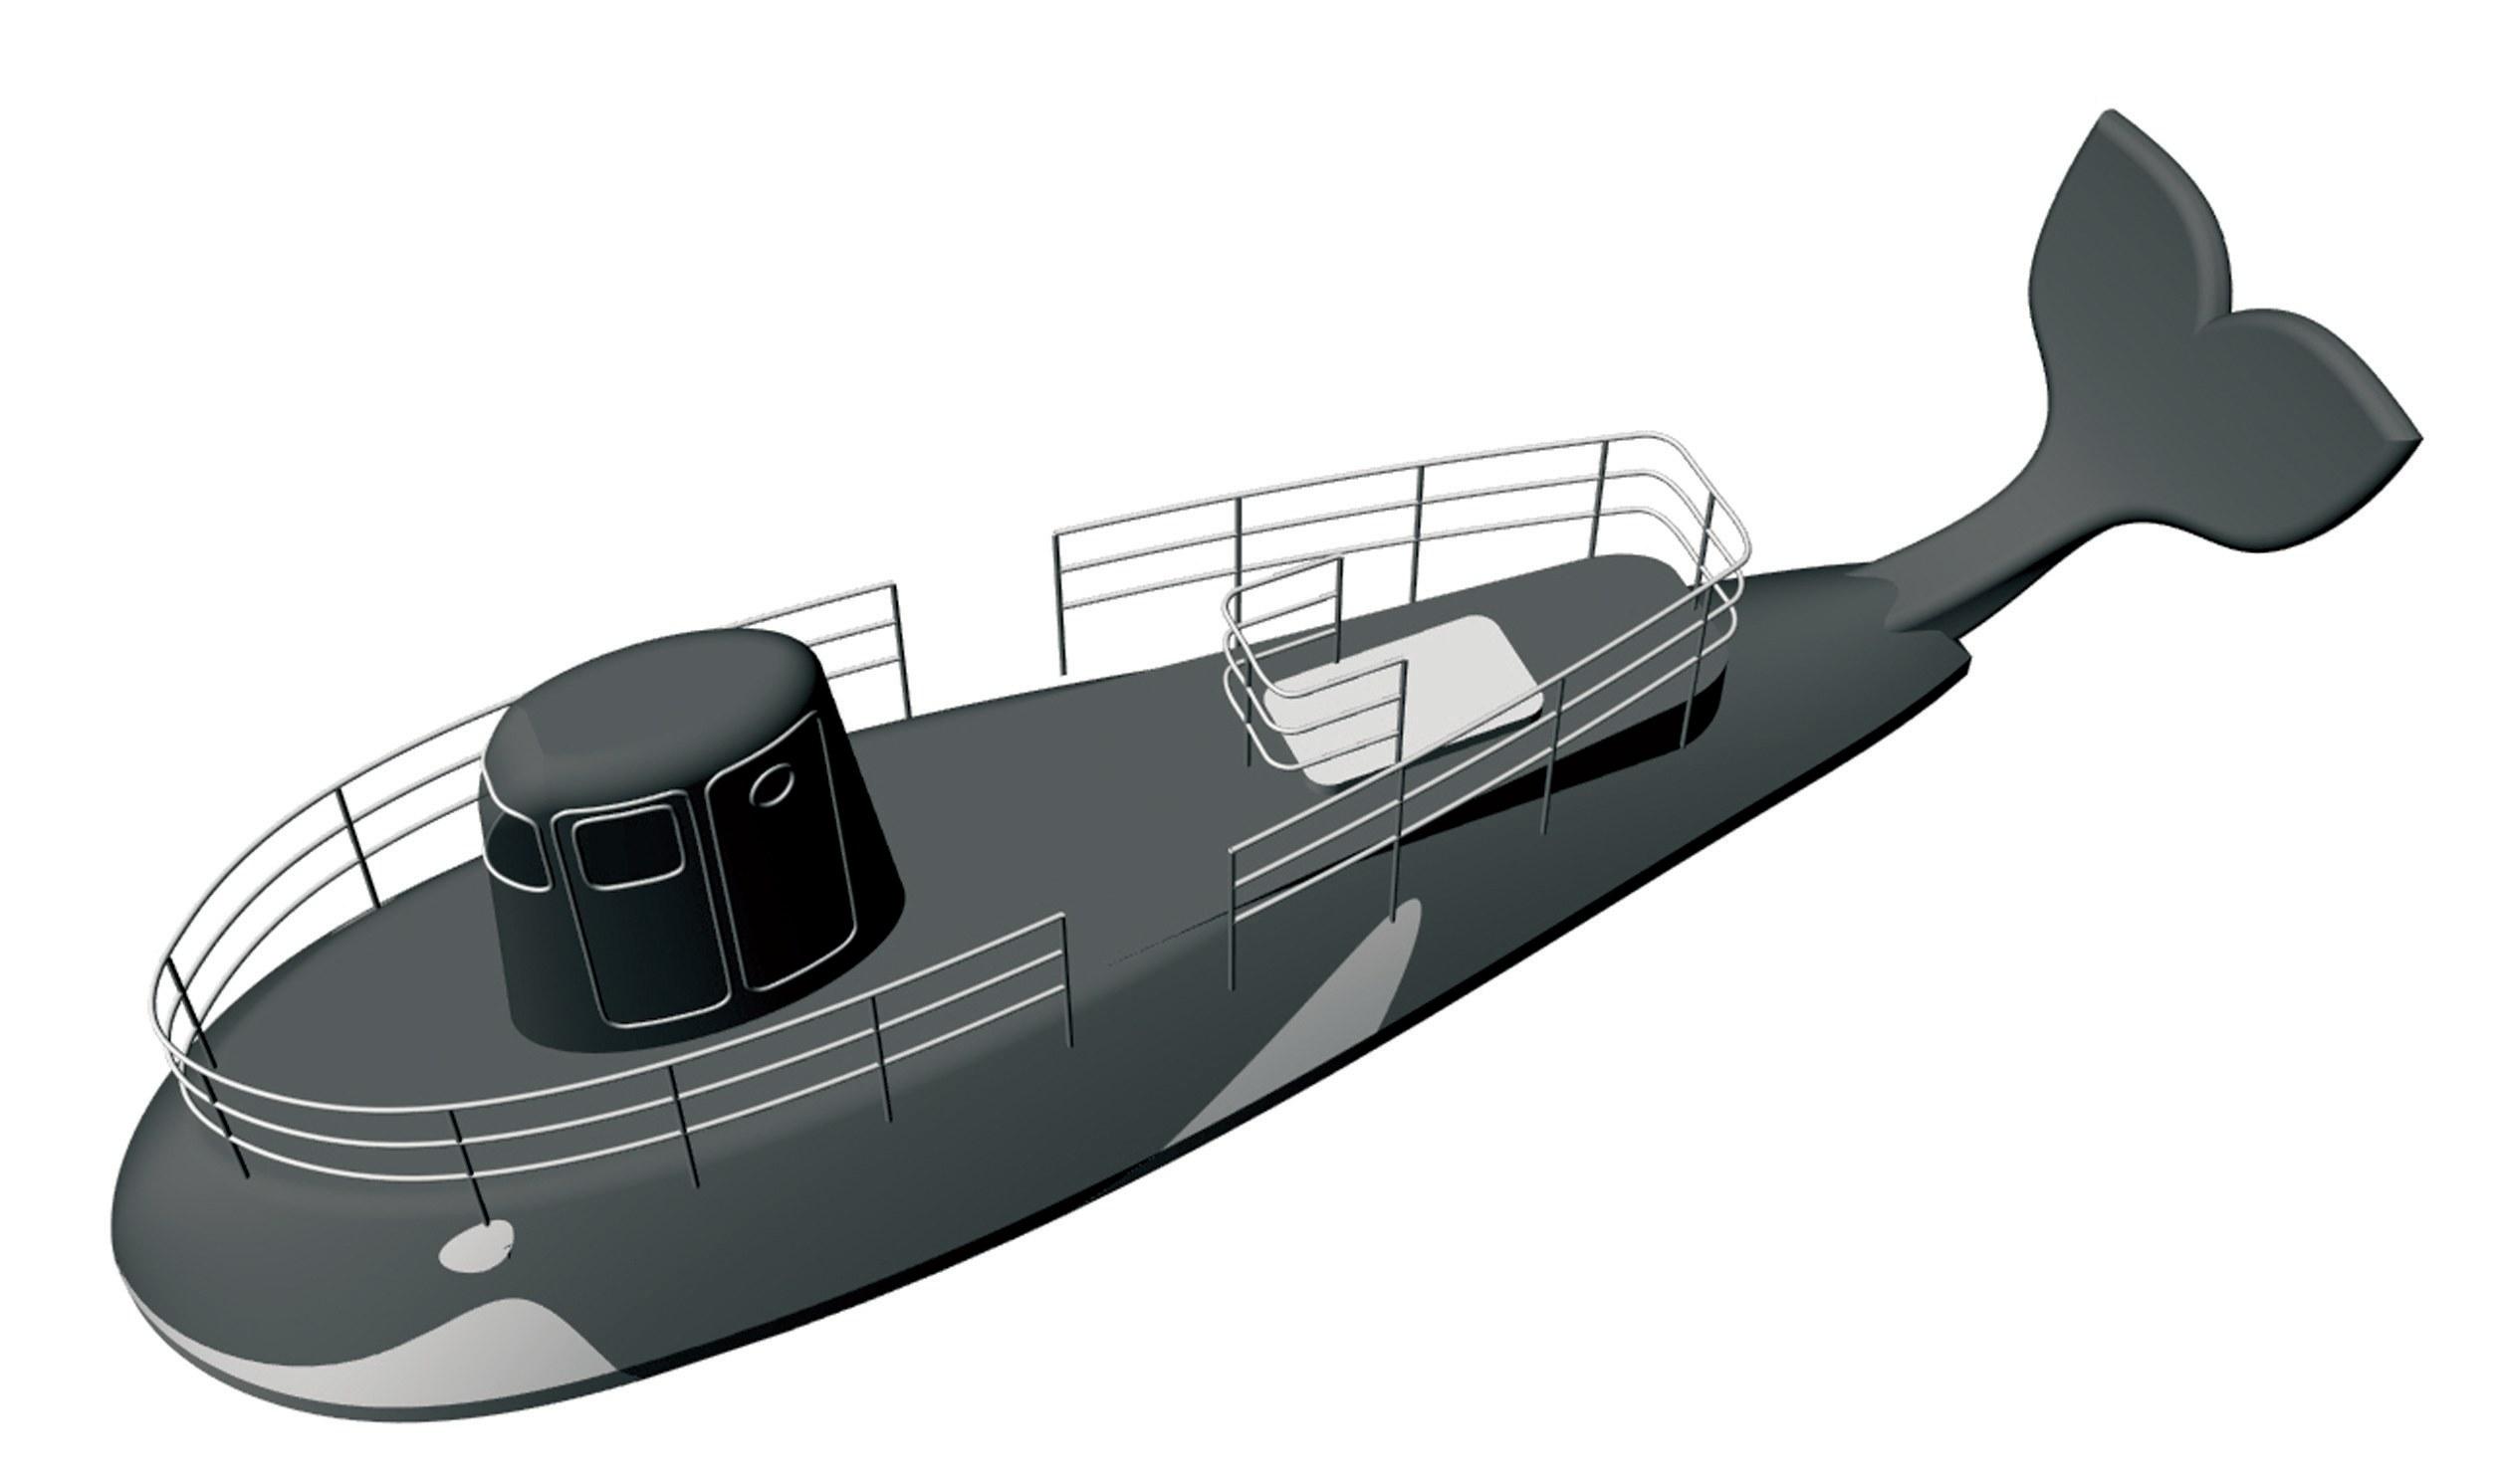 Orca 34